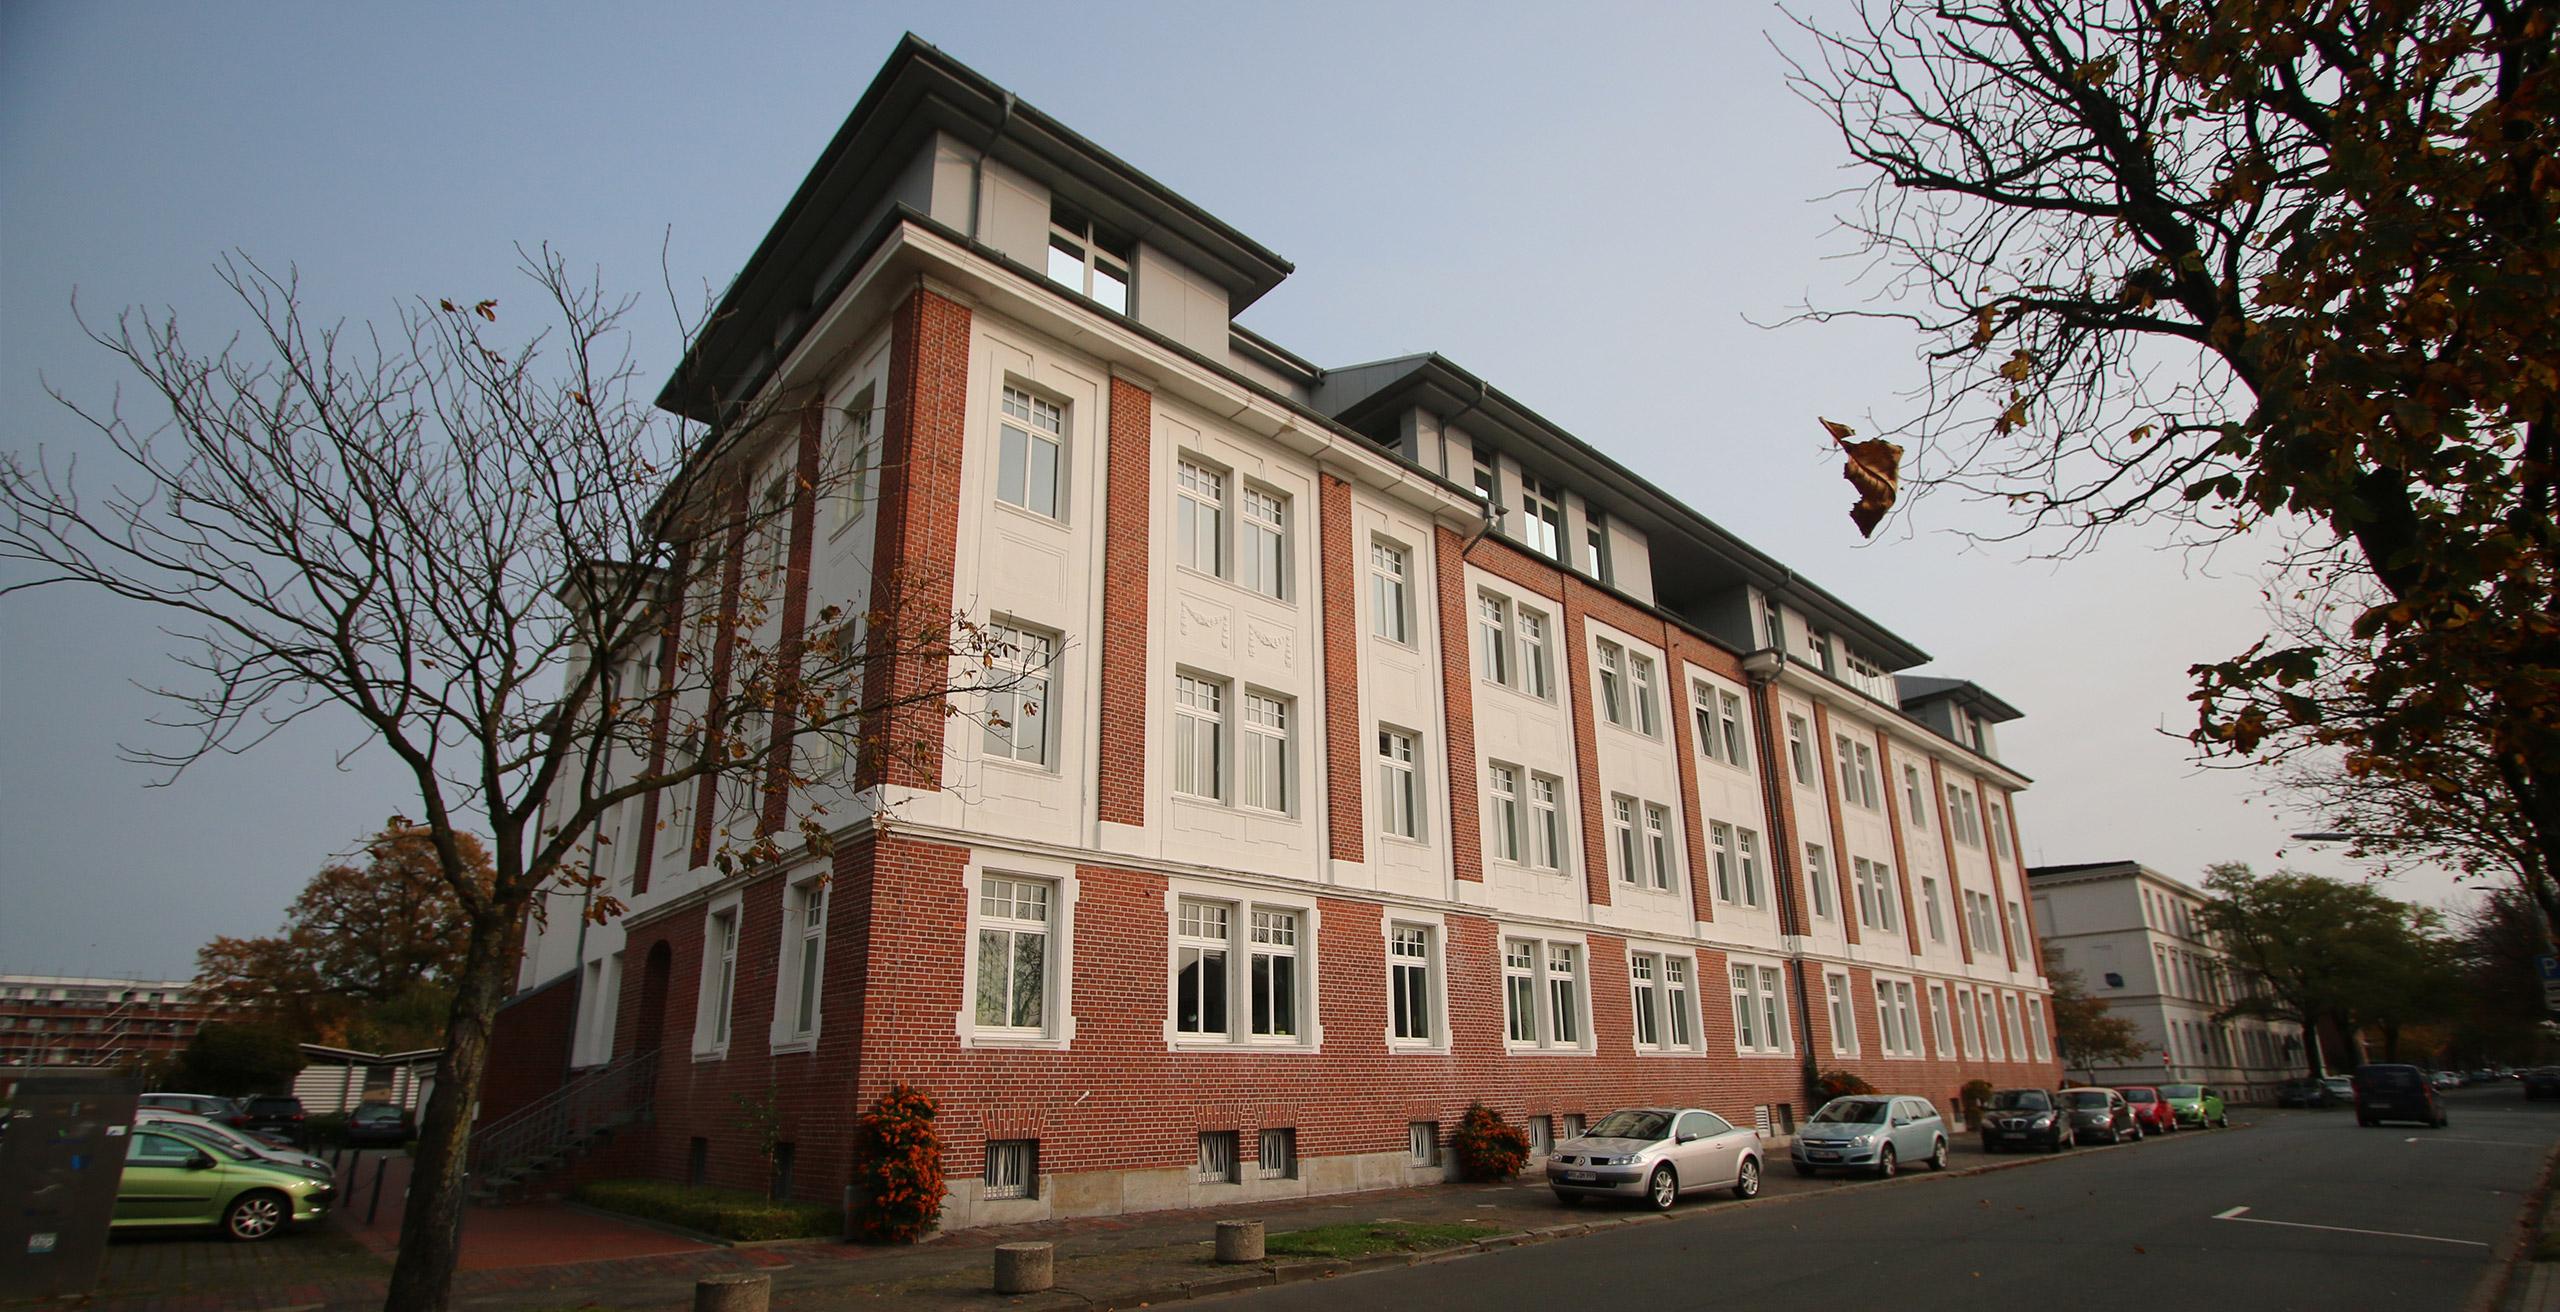 Aussengebäude von Roesner und van Lengen